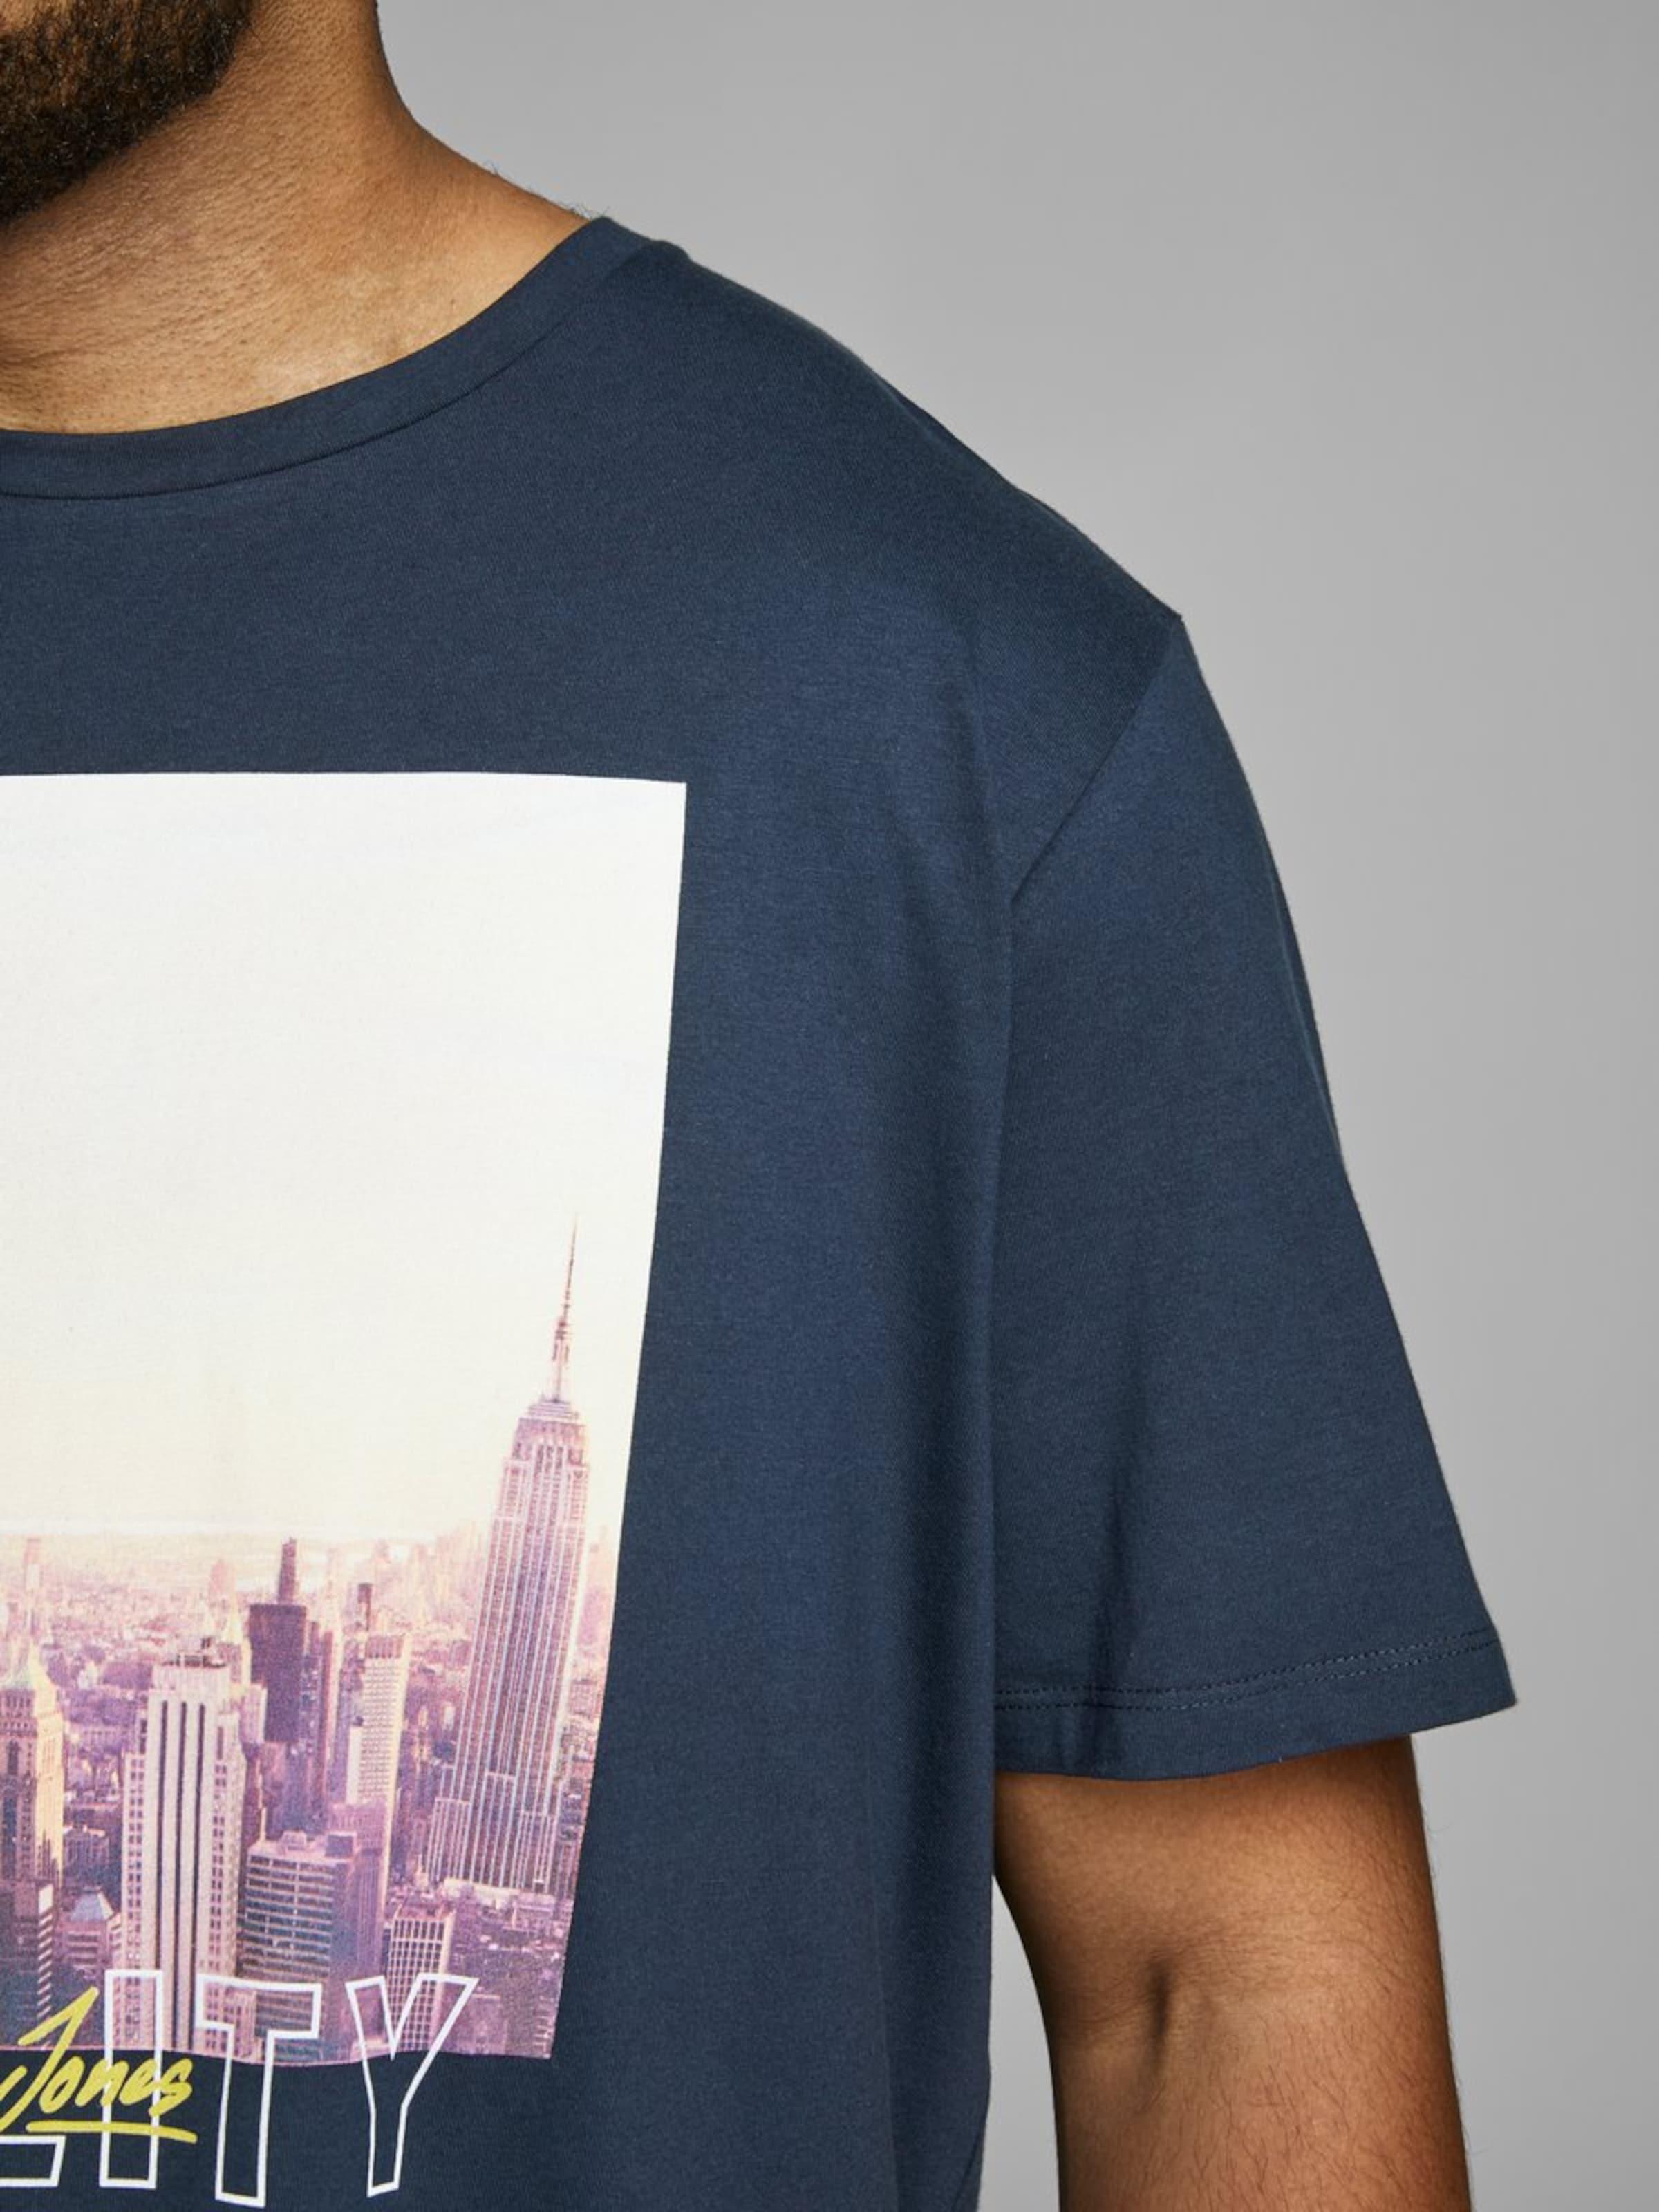 Jackamp; T In NachtblauMischfarben shirt Jones 3FT1clKJ